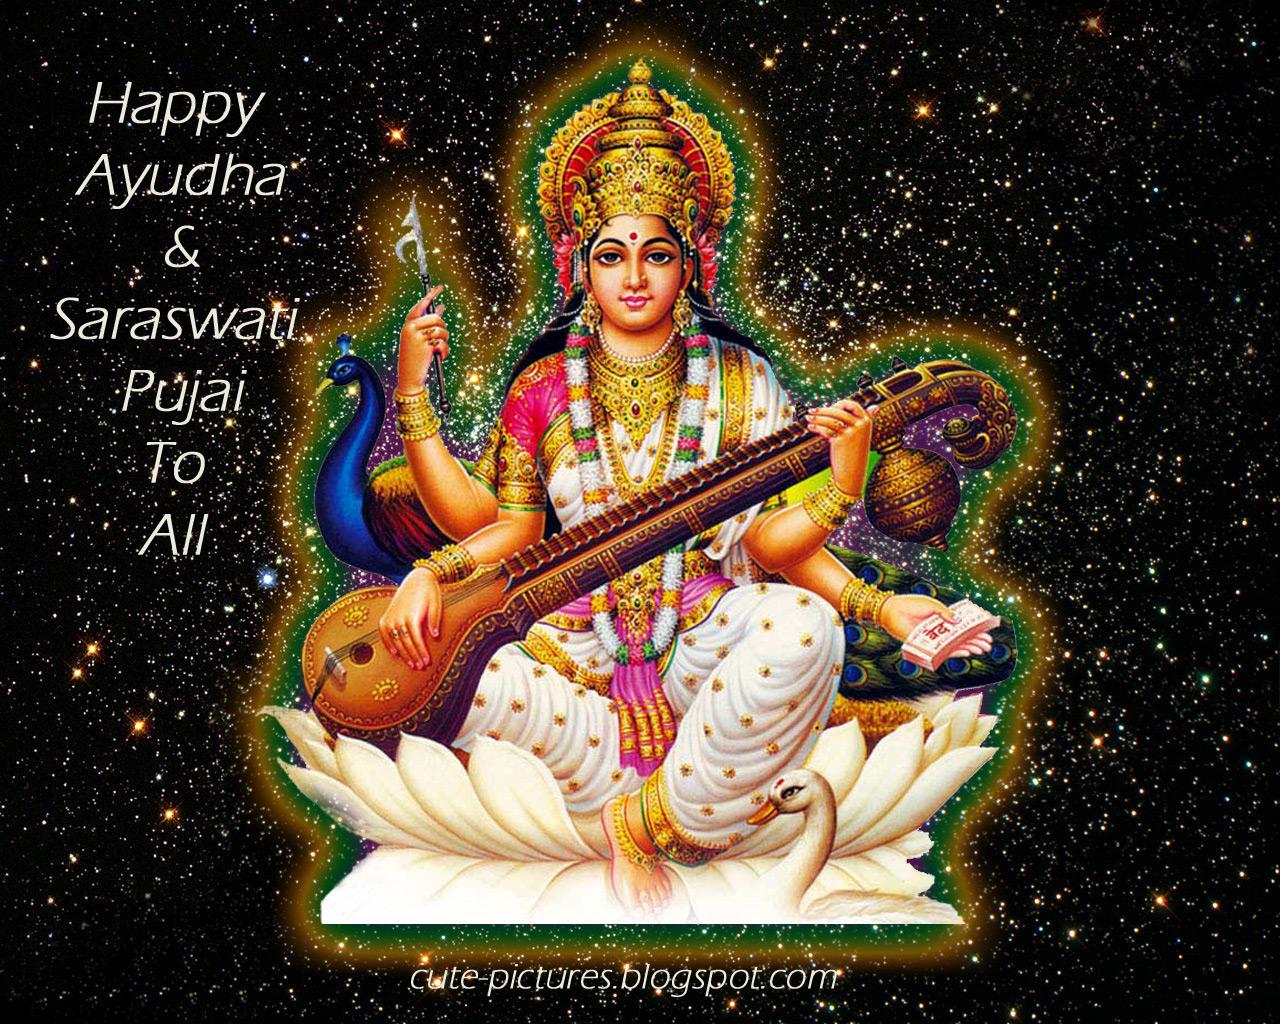 Happy Ayudha Saraswati Puja 2018 Greetings Ayudha Saraswati